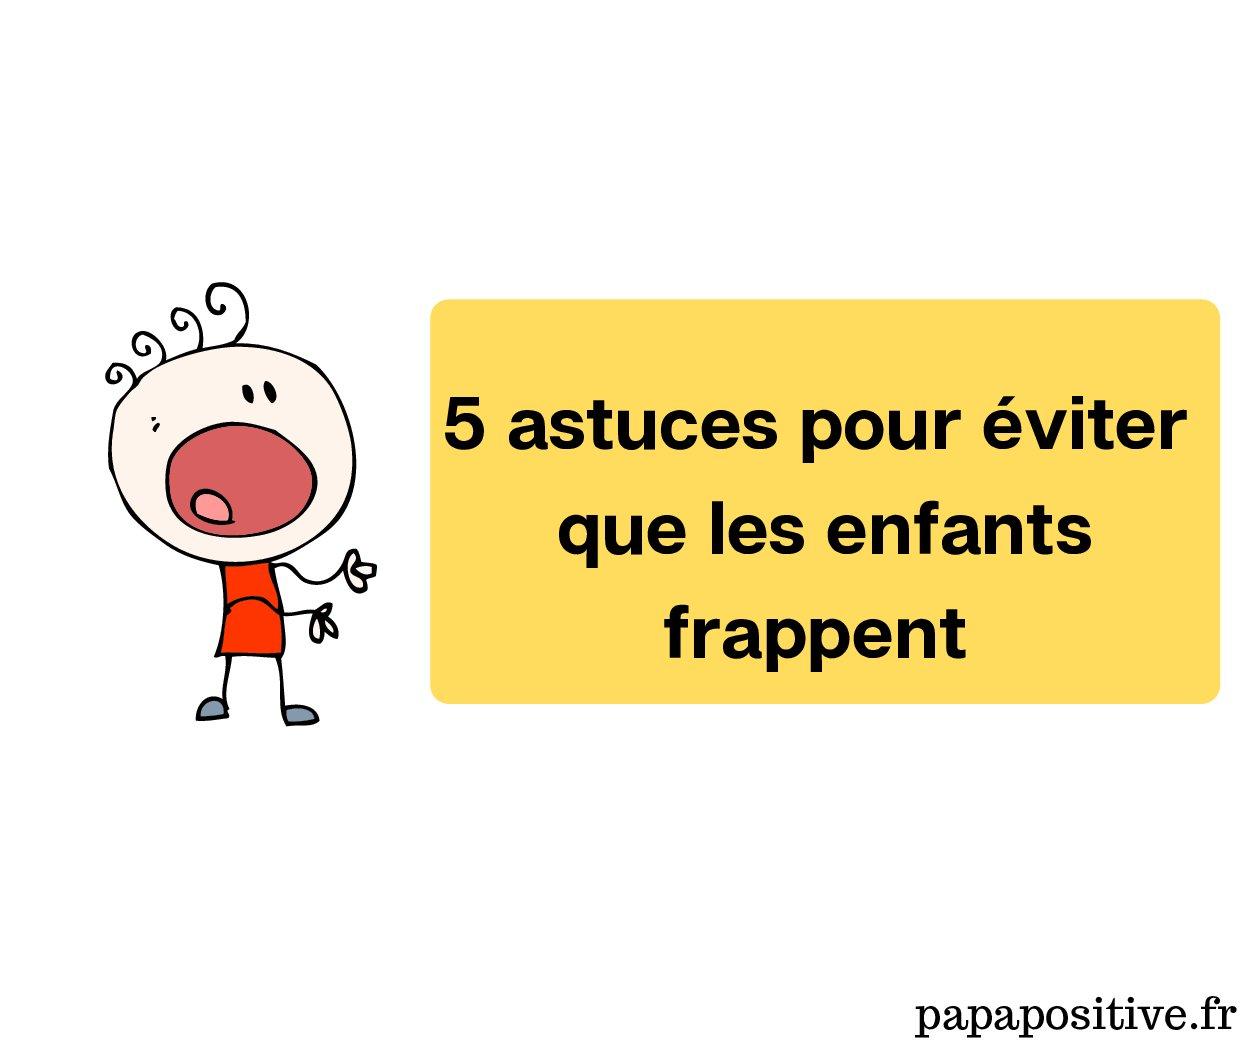 5 Astuces pour éviter le passage à l'acte chez l'enfant